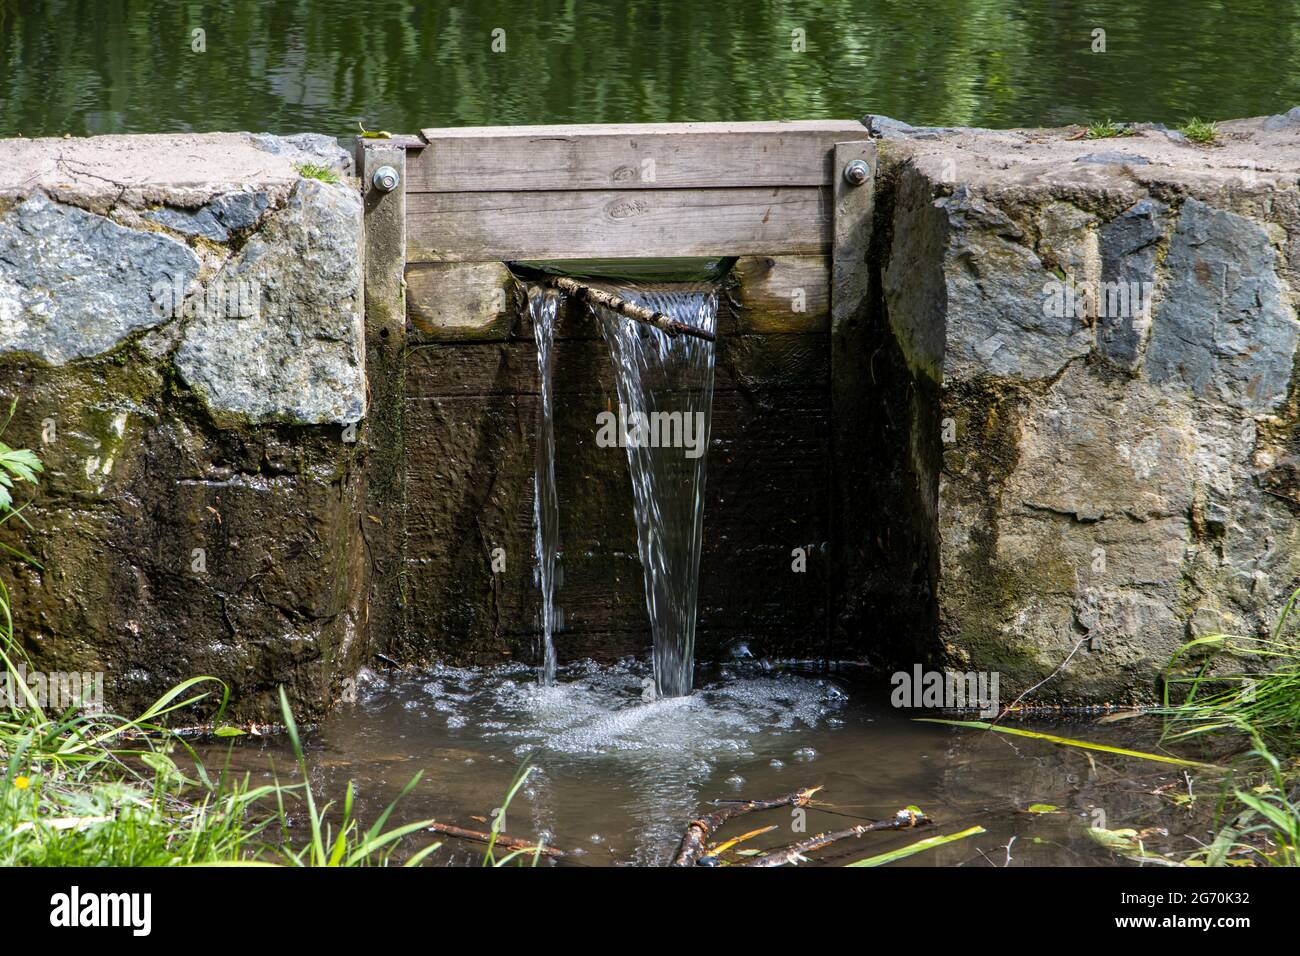 Un agua fluye a través de las esclusas en la pequeña presa de piedra del estanque Foto de stock